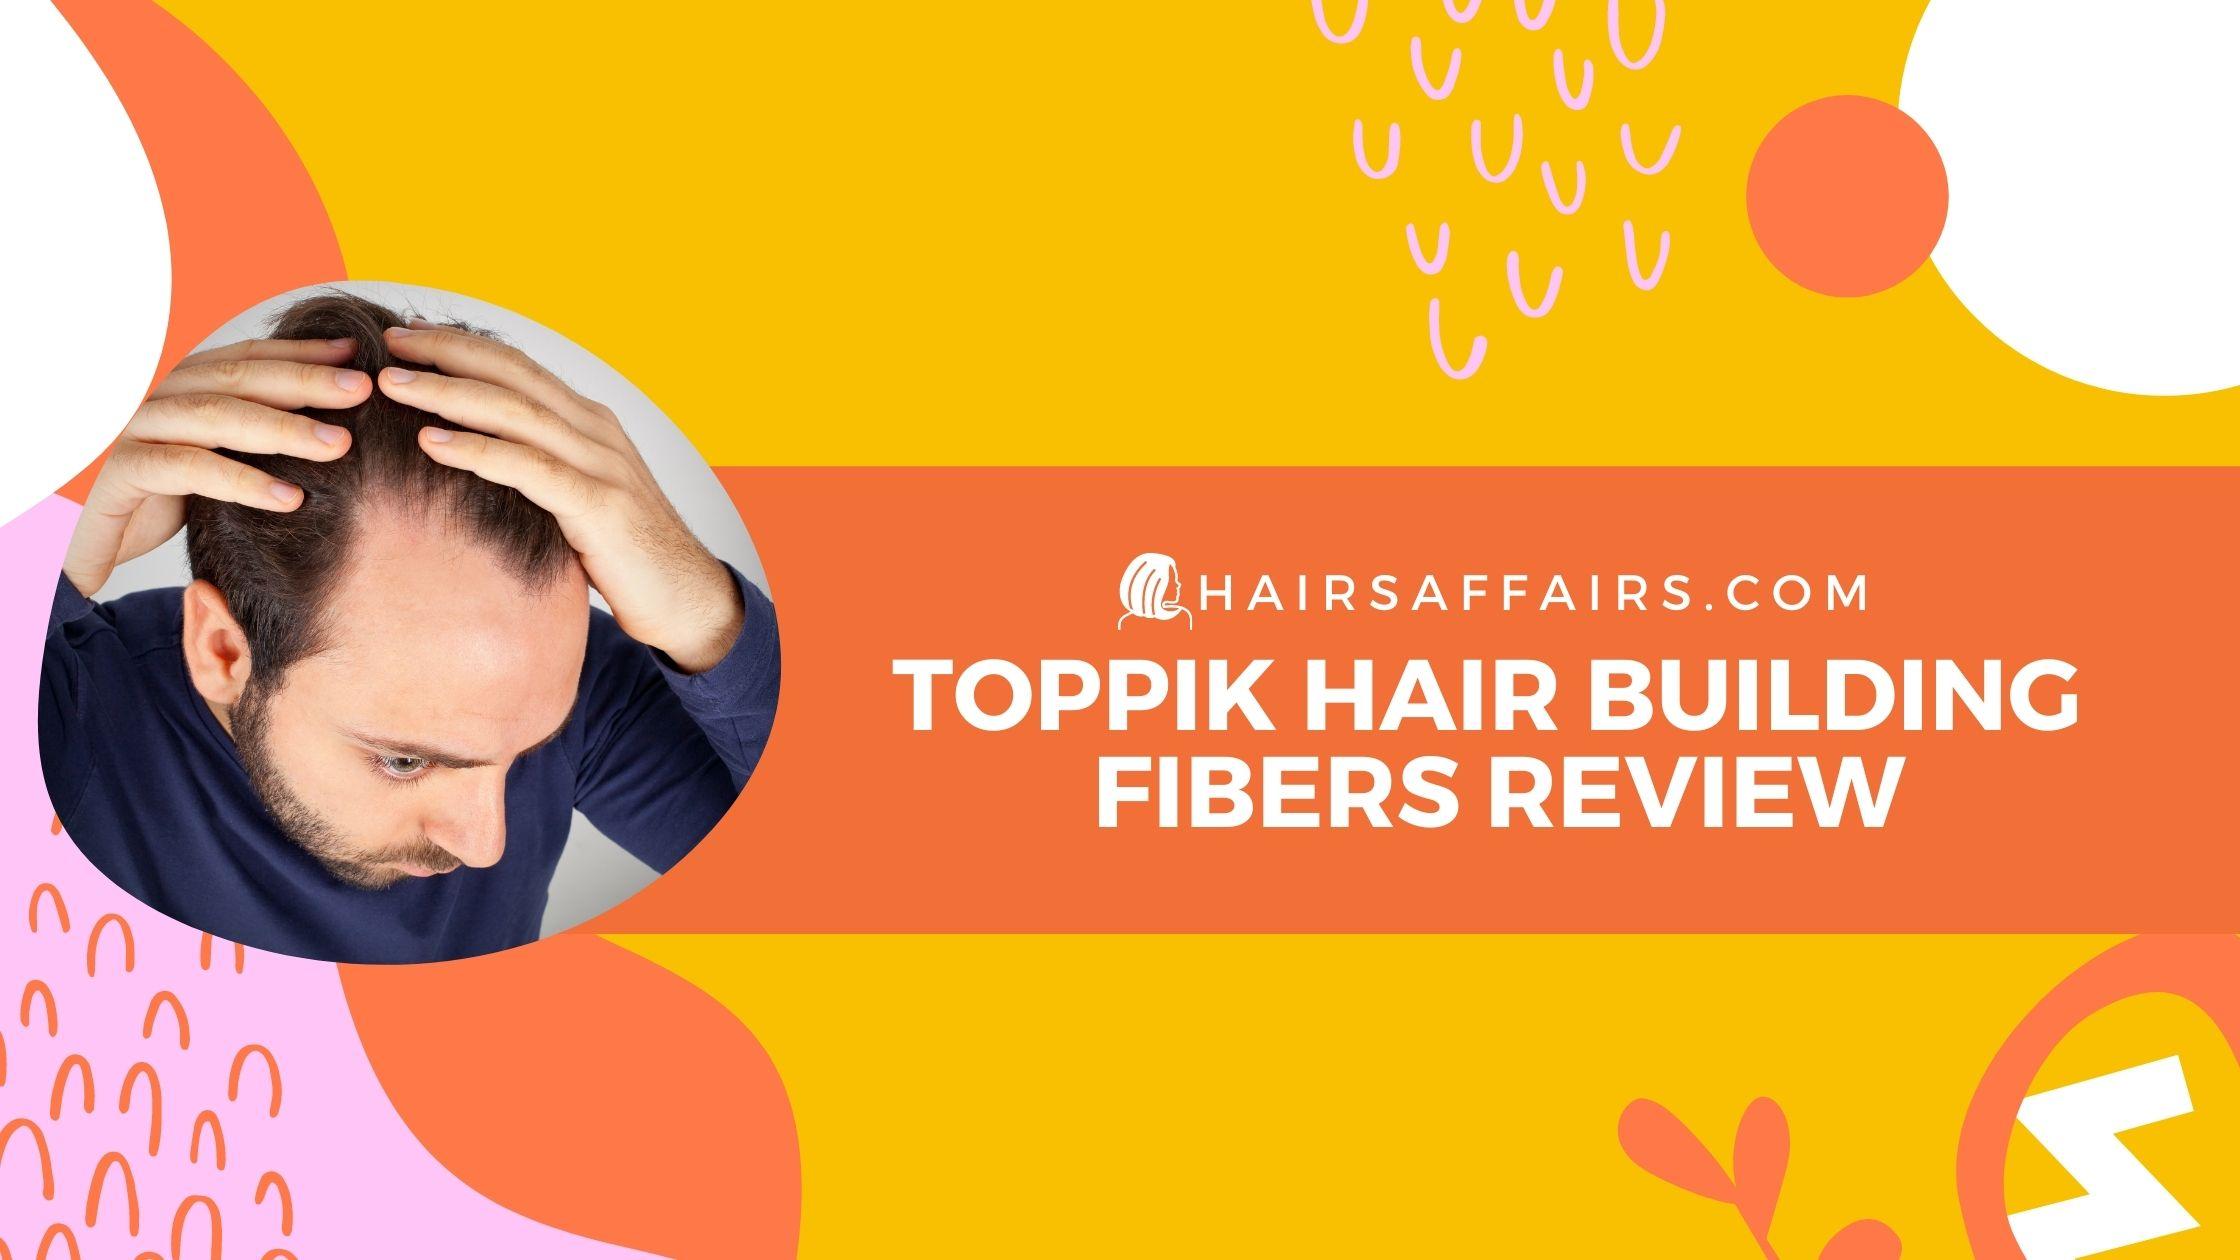 toppik hair building fibers review